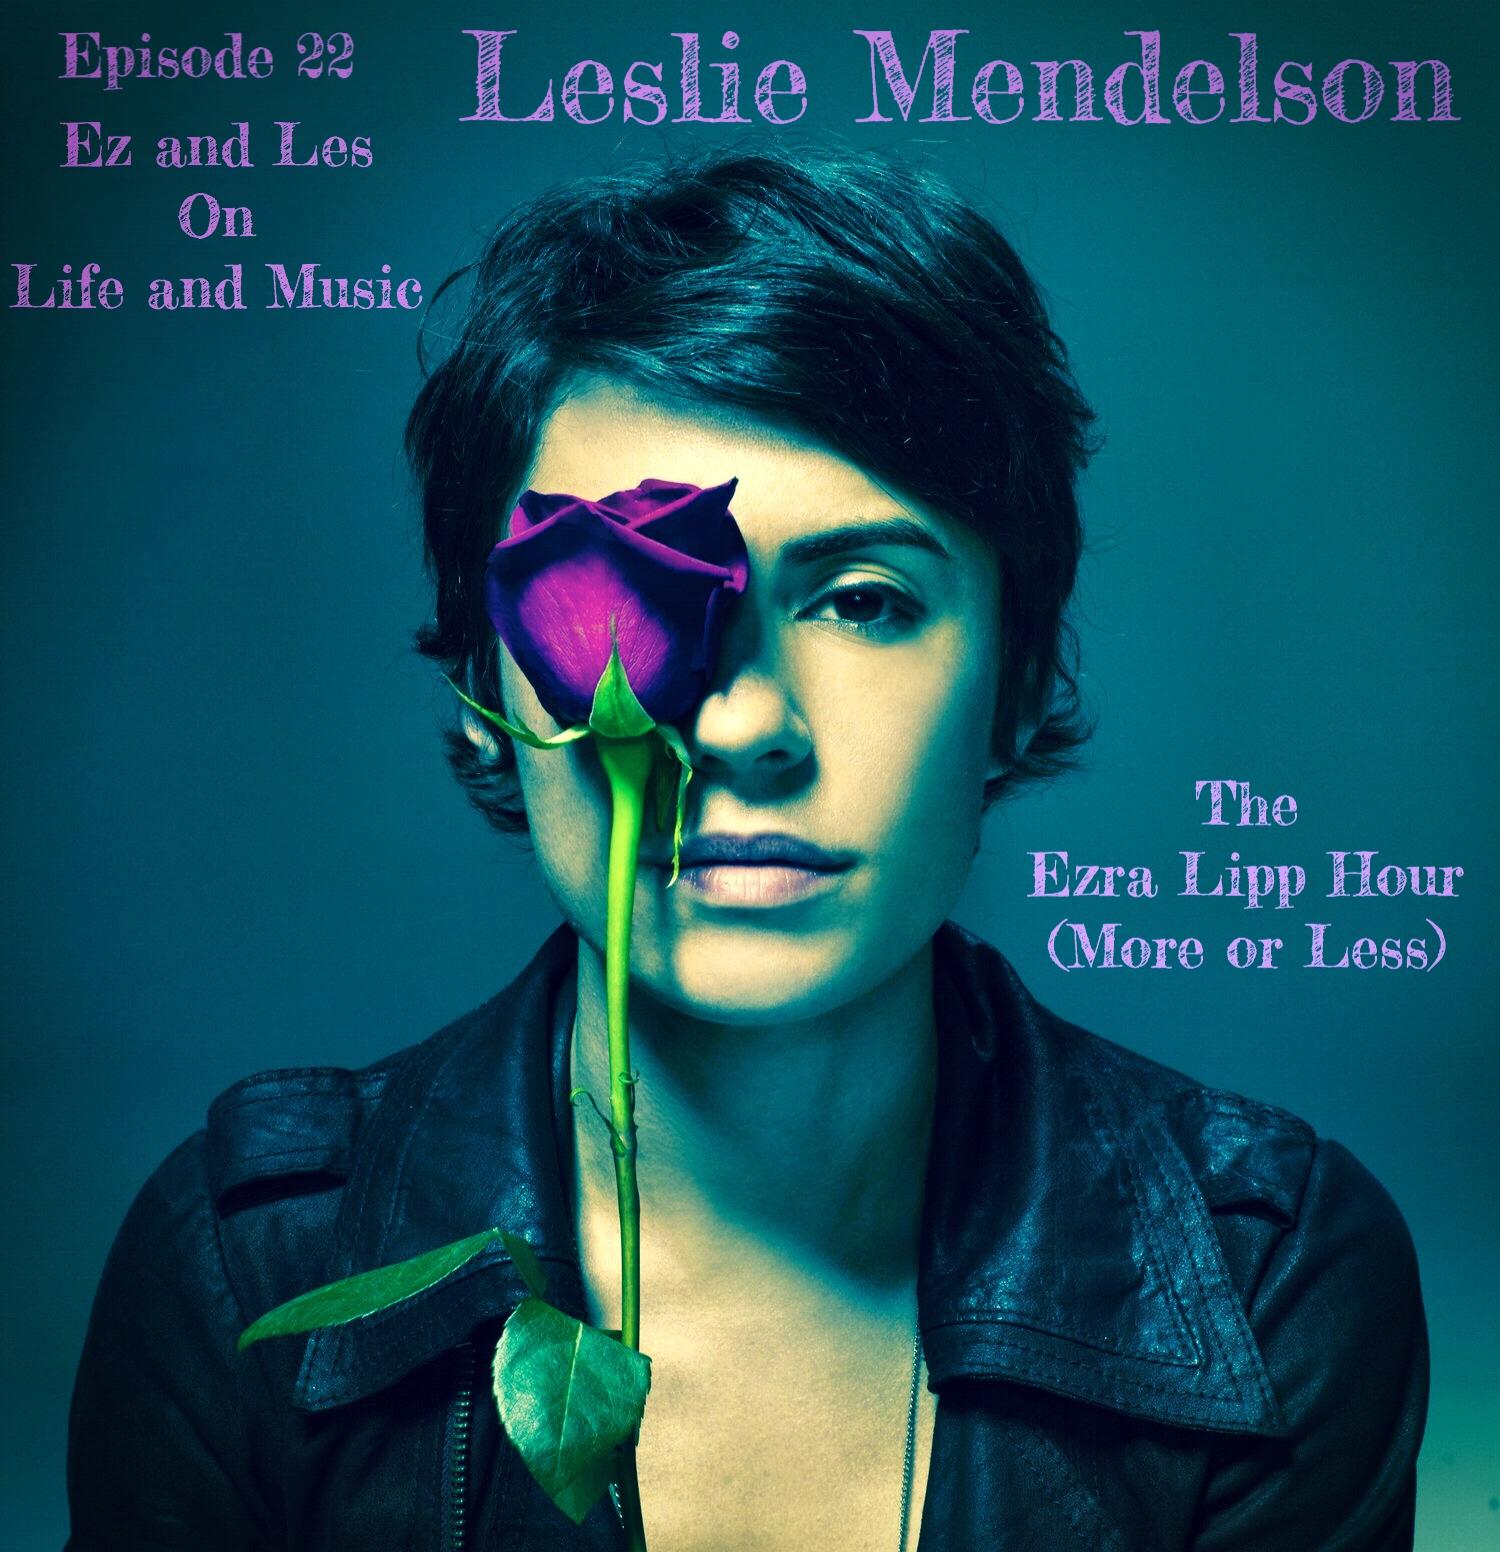 LeslieMendelson_EzraLipp_hourmoreorless_podcast.JPG